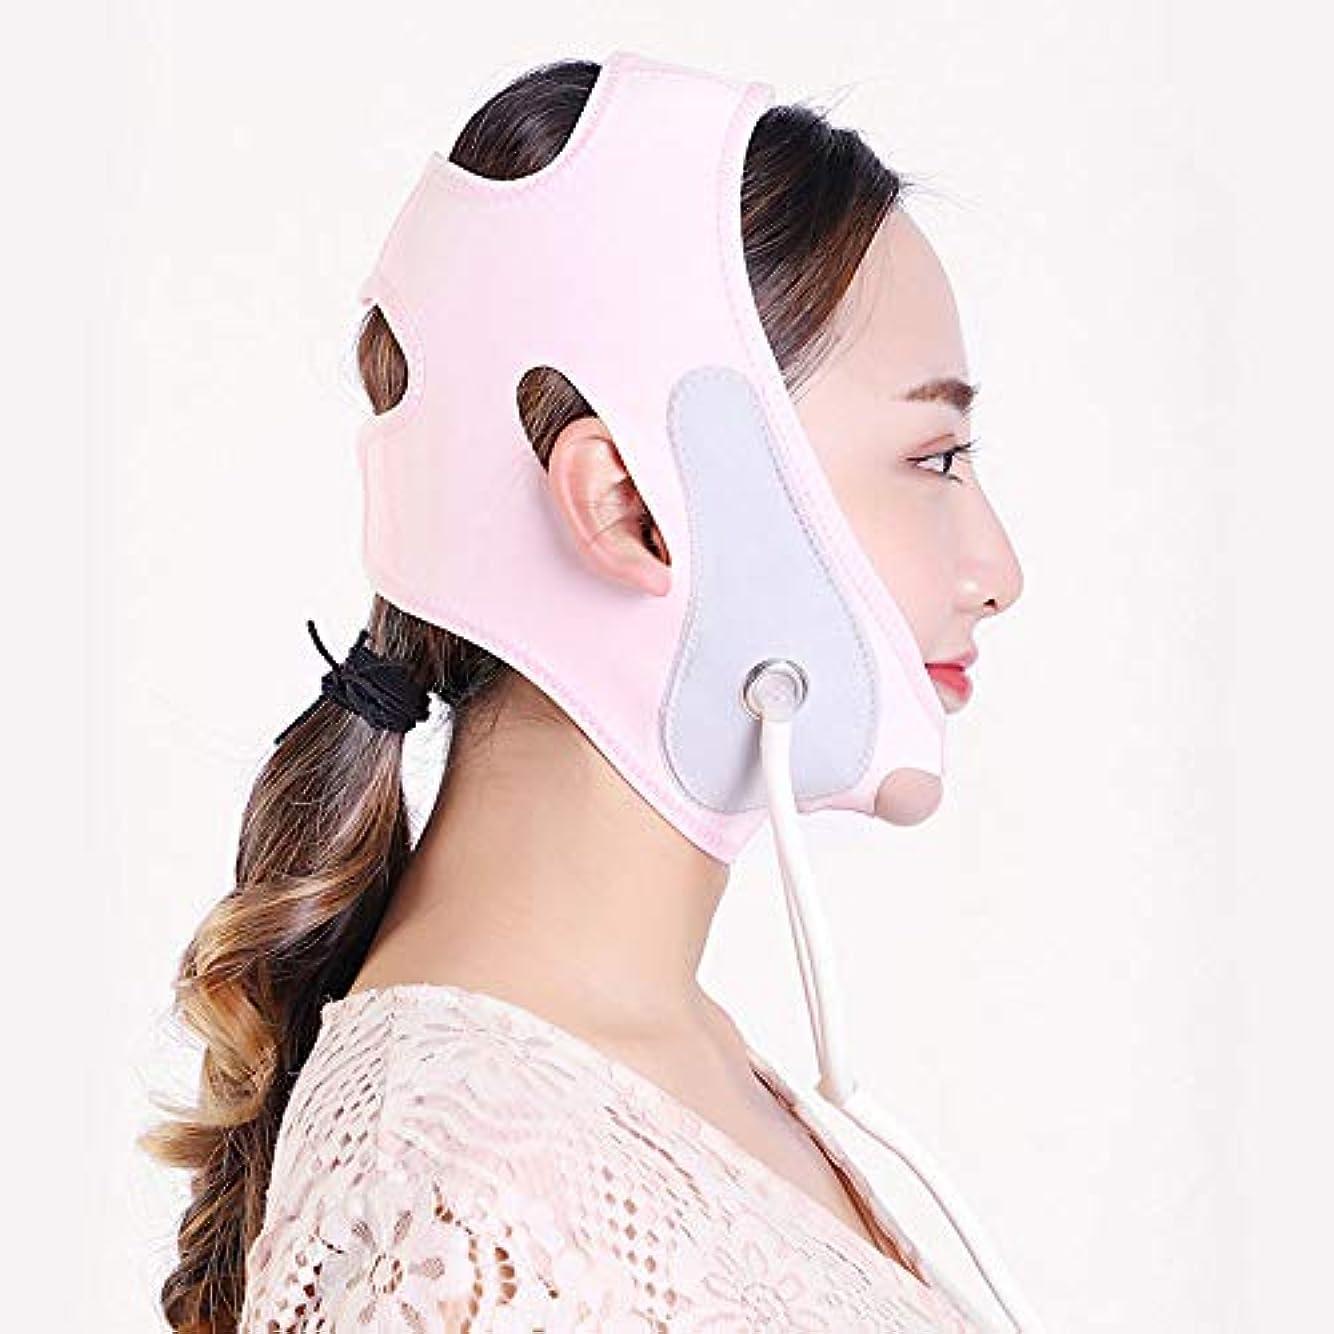 不倫ジャンプ在庫膨脹可能なVのマスク、持ち上がる咬筋の筋肉収縮のあごの睡眠ベルト/膨脹可能なベルト/包帯を持ち上げる